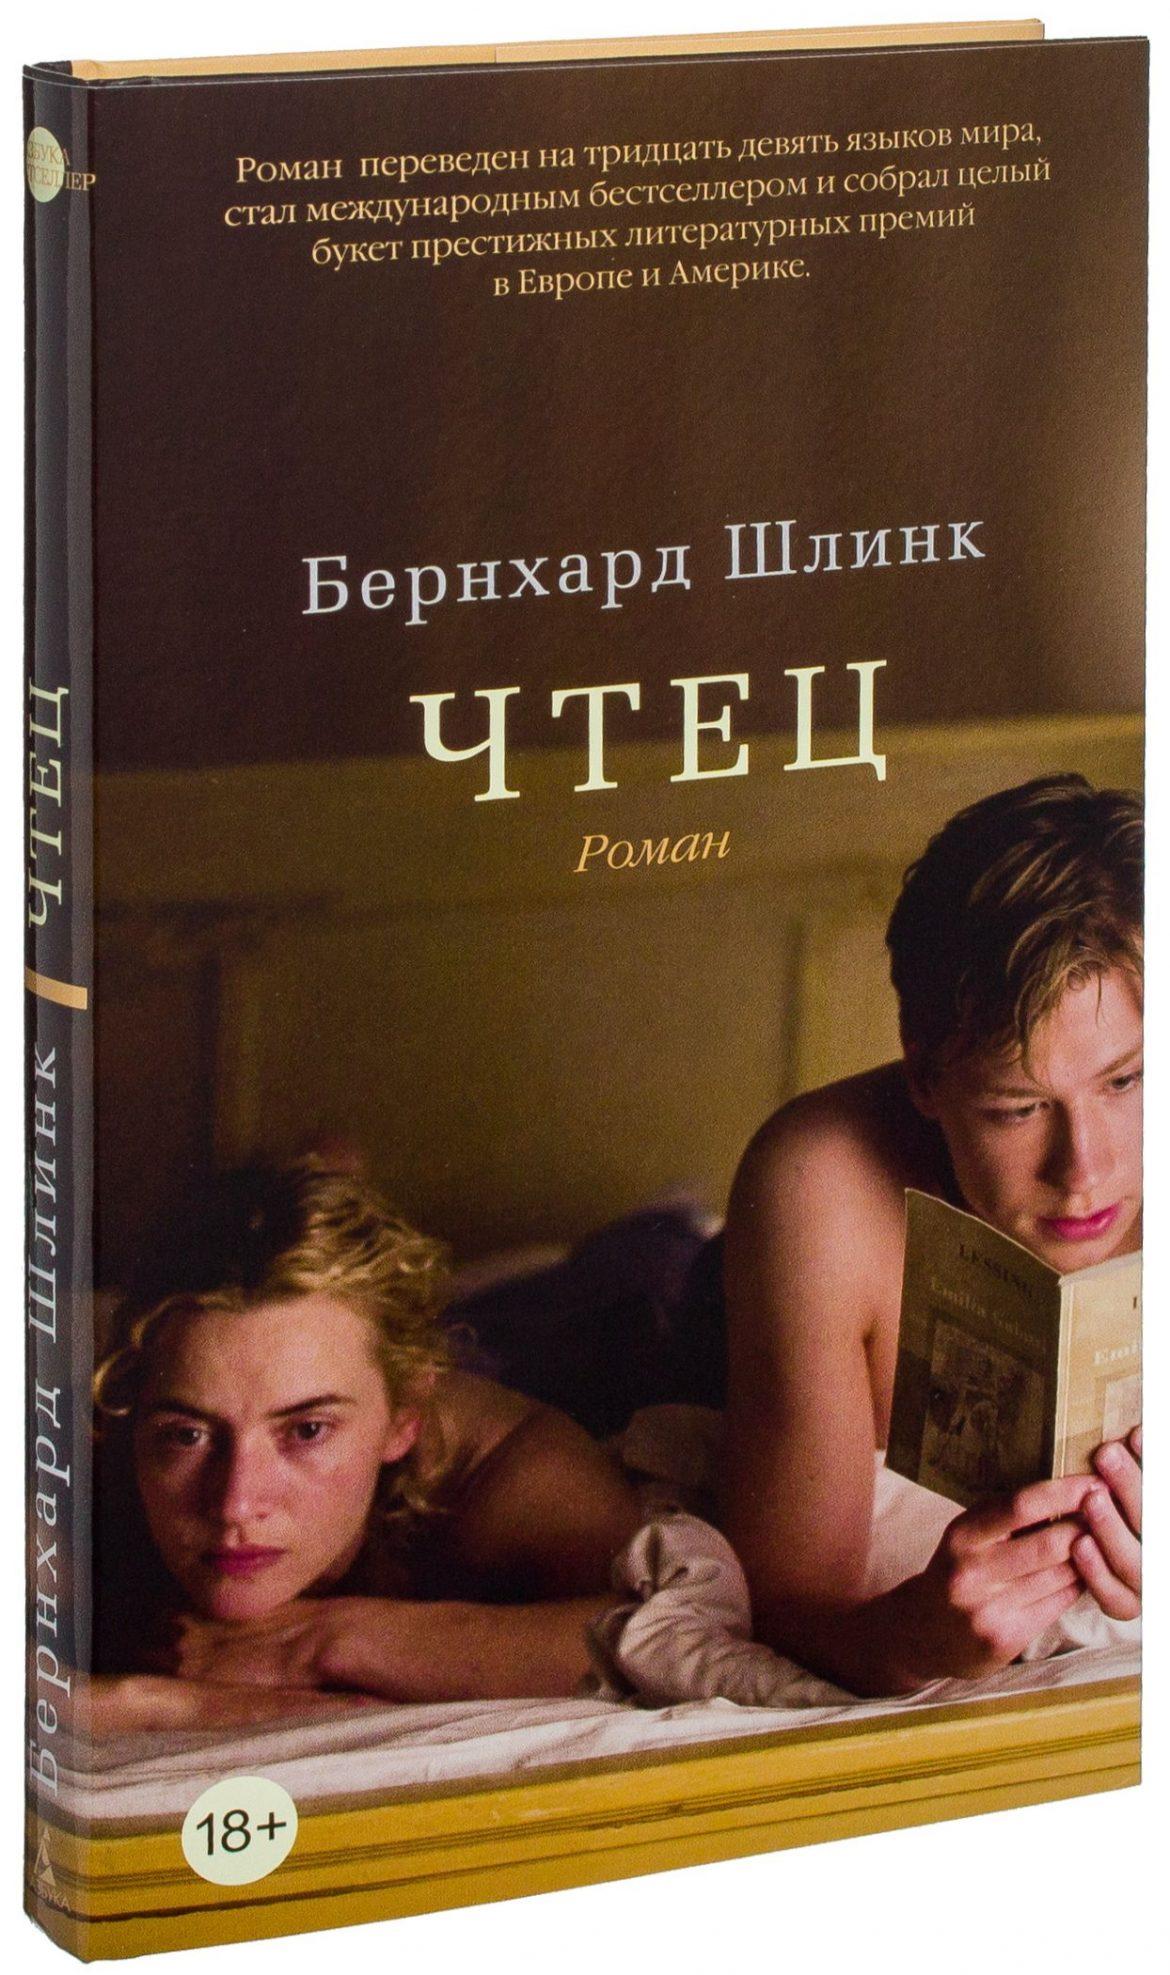 Чтец — Бернхард Шлинк